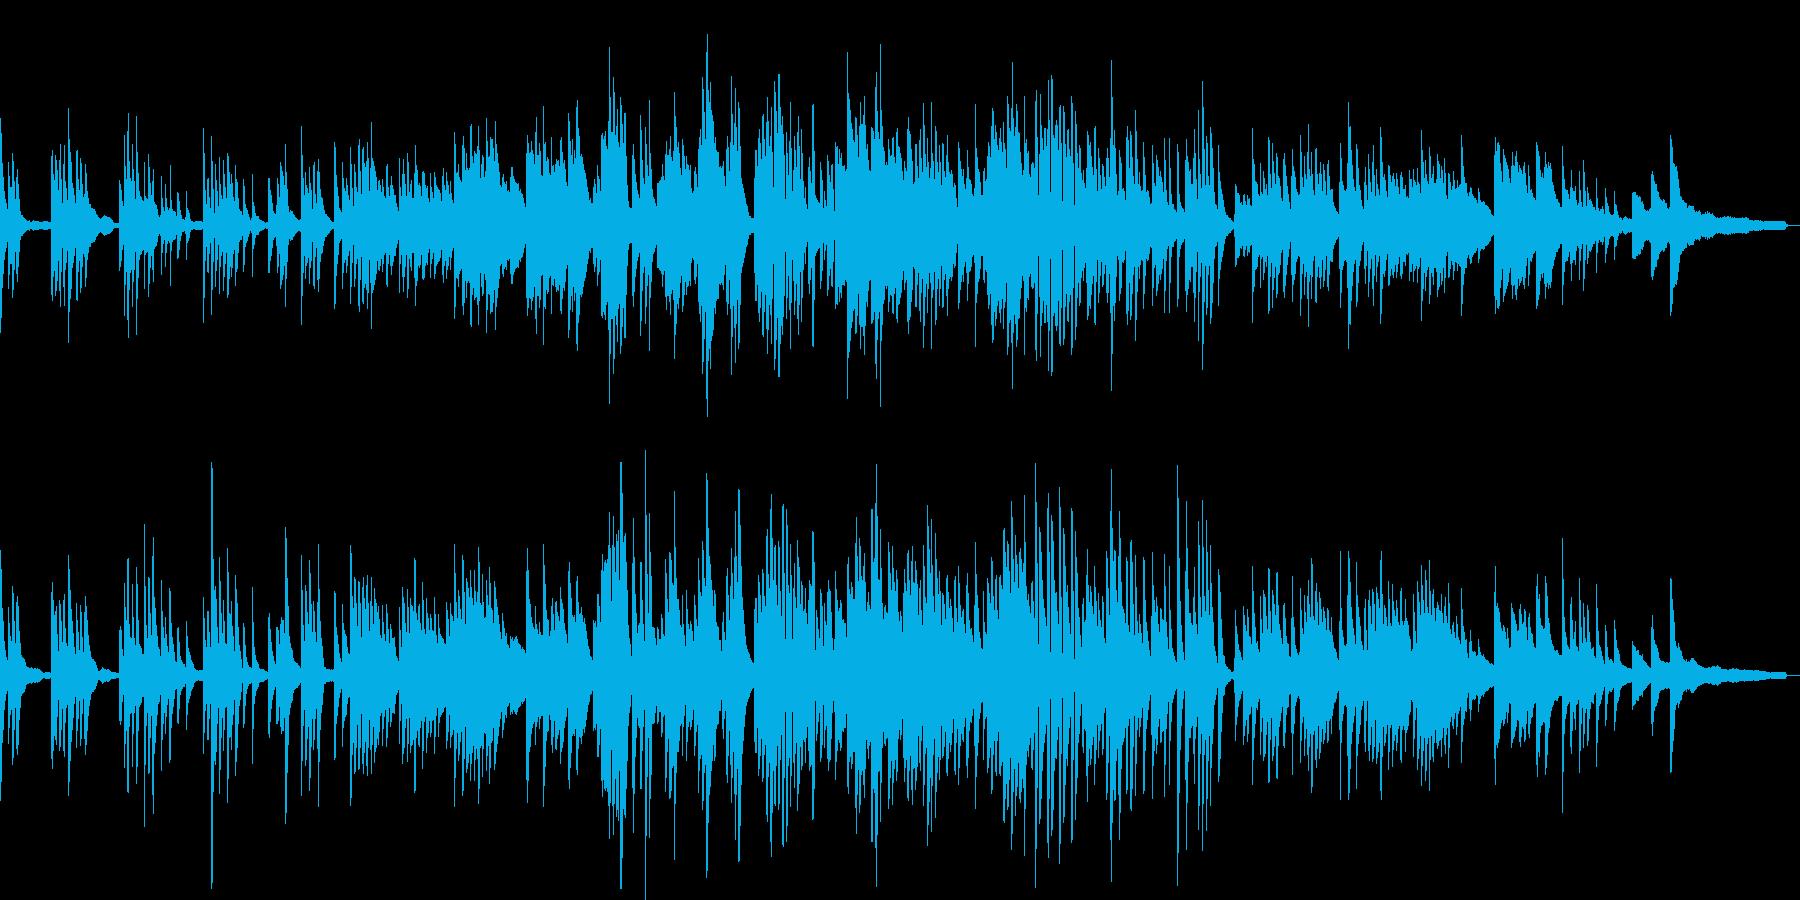 わらべ歌の和風曲2(B)-ピアノソロの再生済みの波形